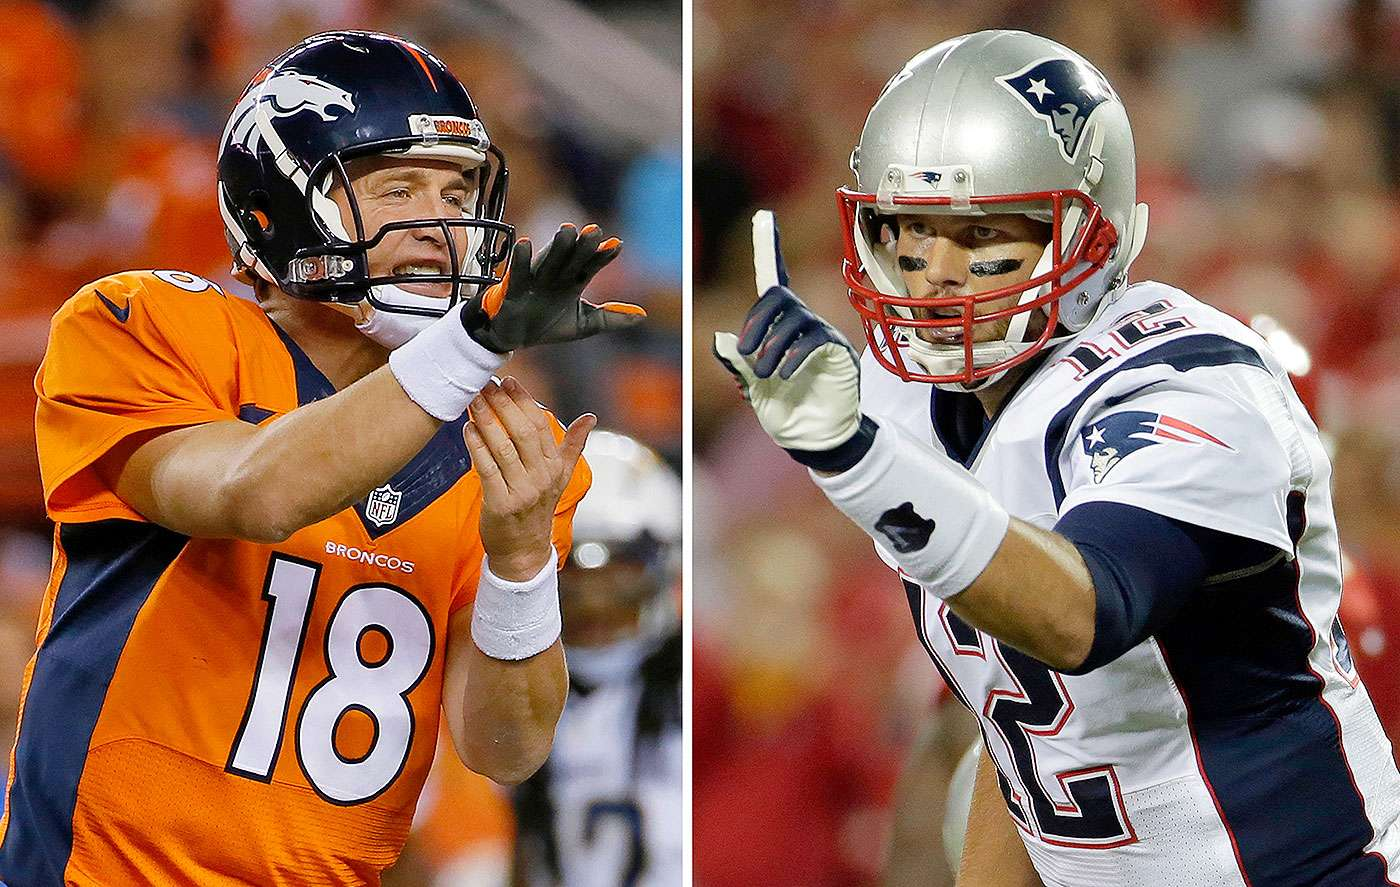 Juegos de la semana 9 de la NFL 2014. Foto: AP